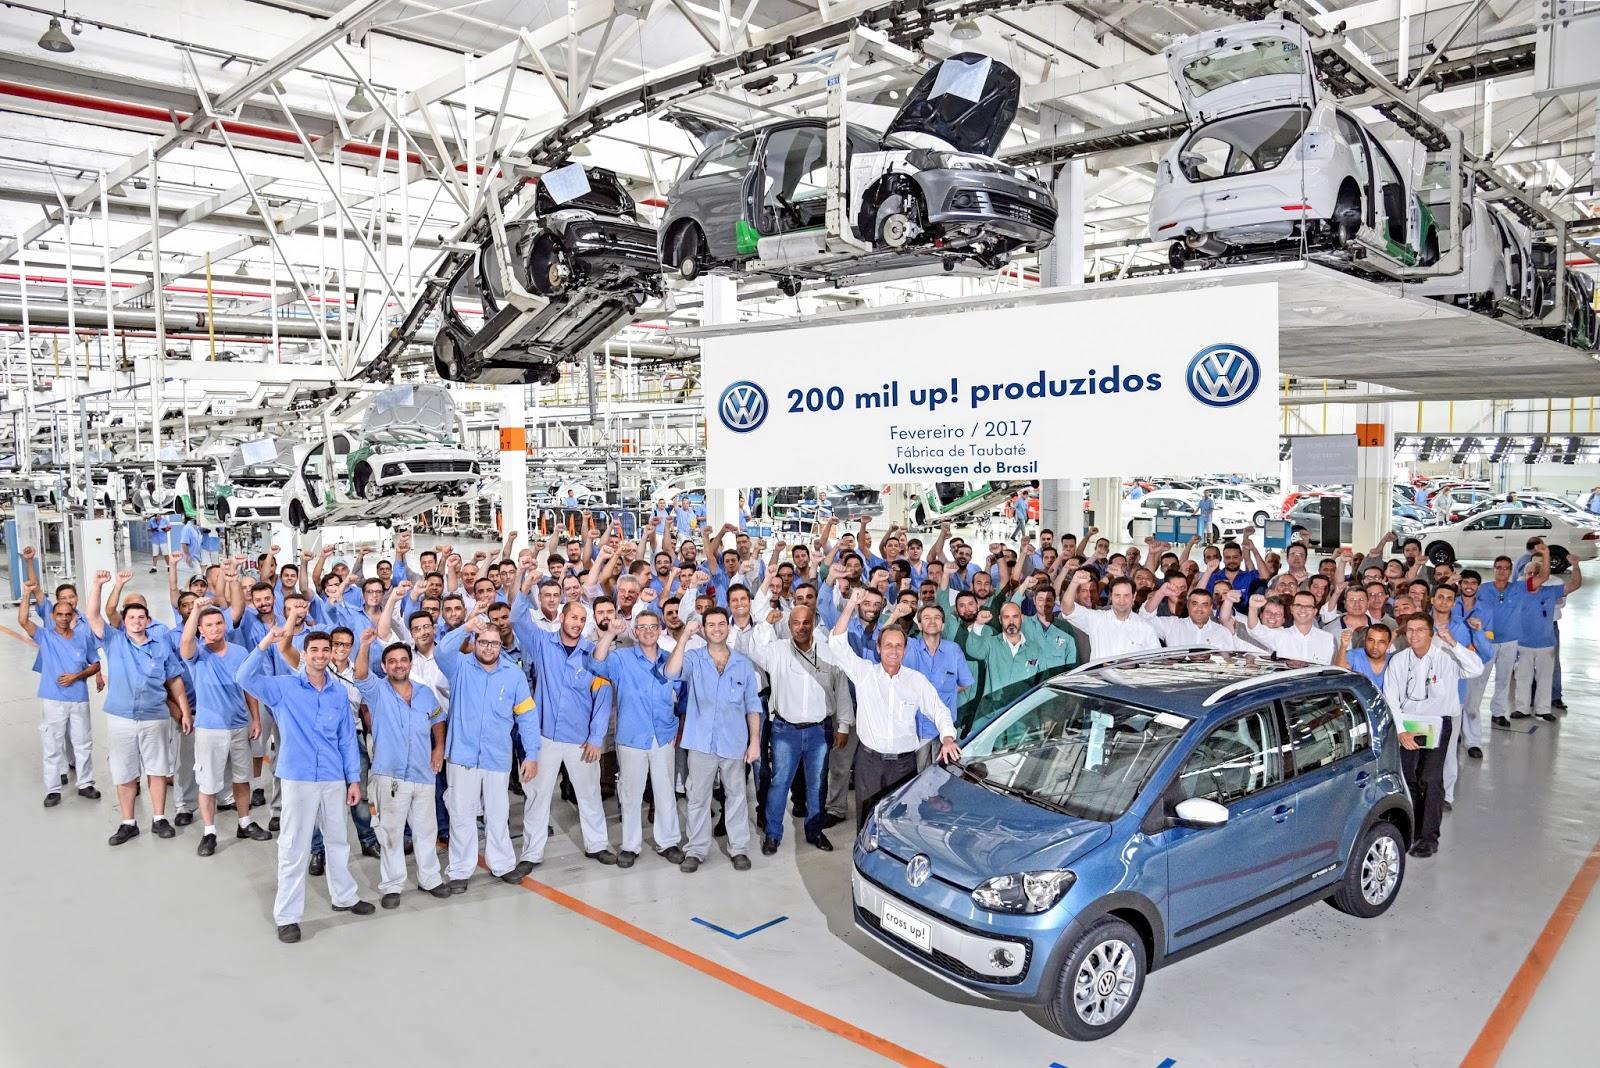 Volkswagen celebra produção de 200 mil unidades do up!, aclamado pelos proprietários